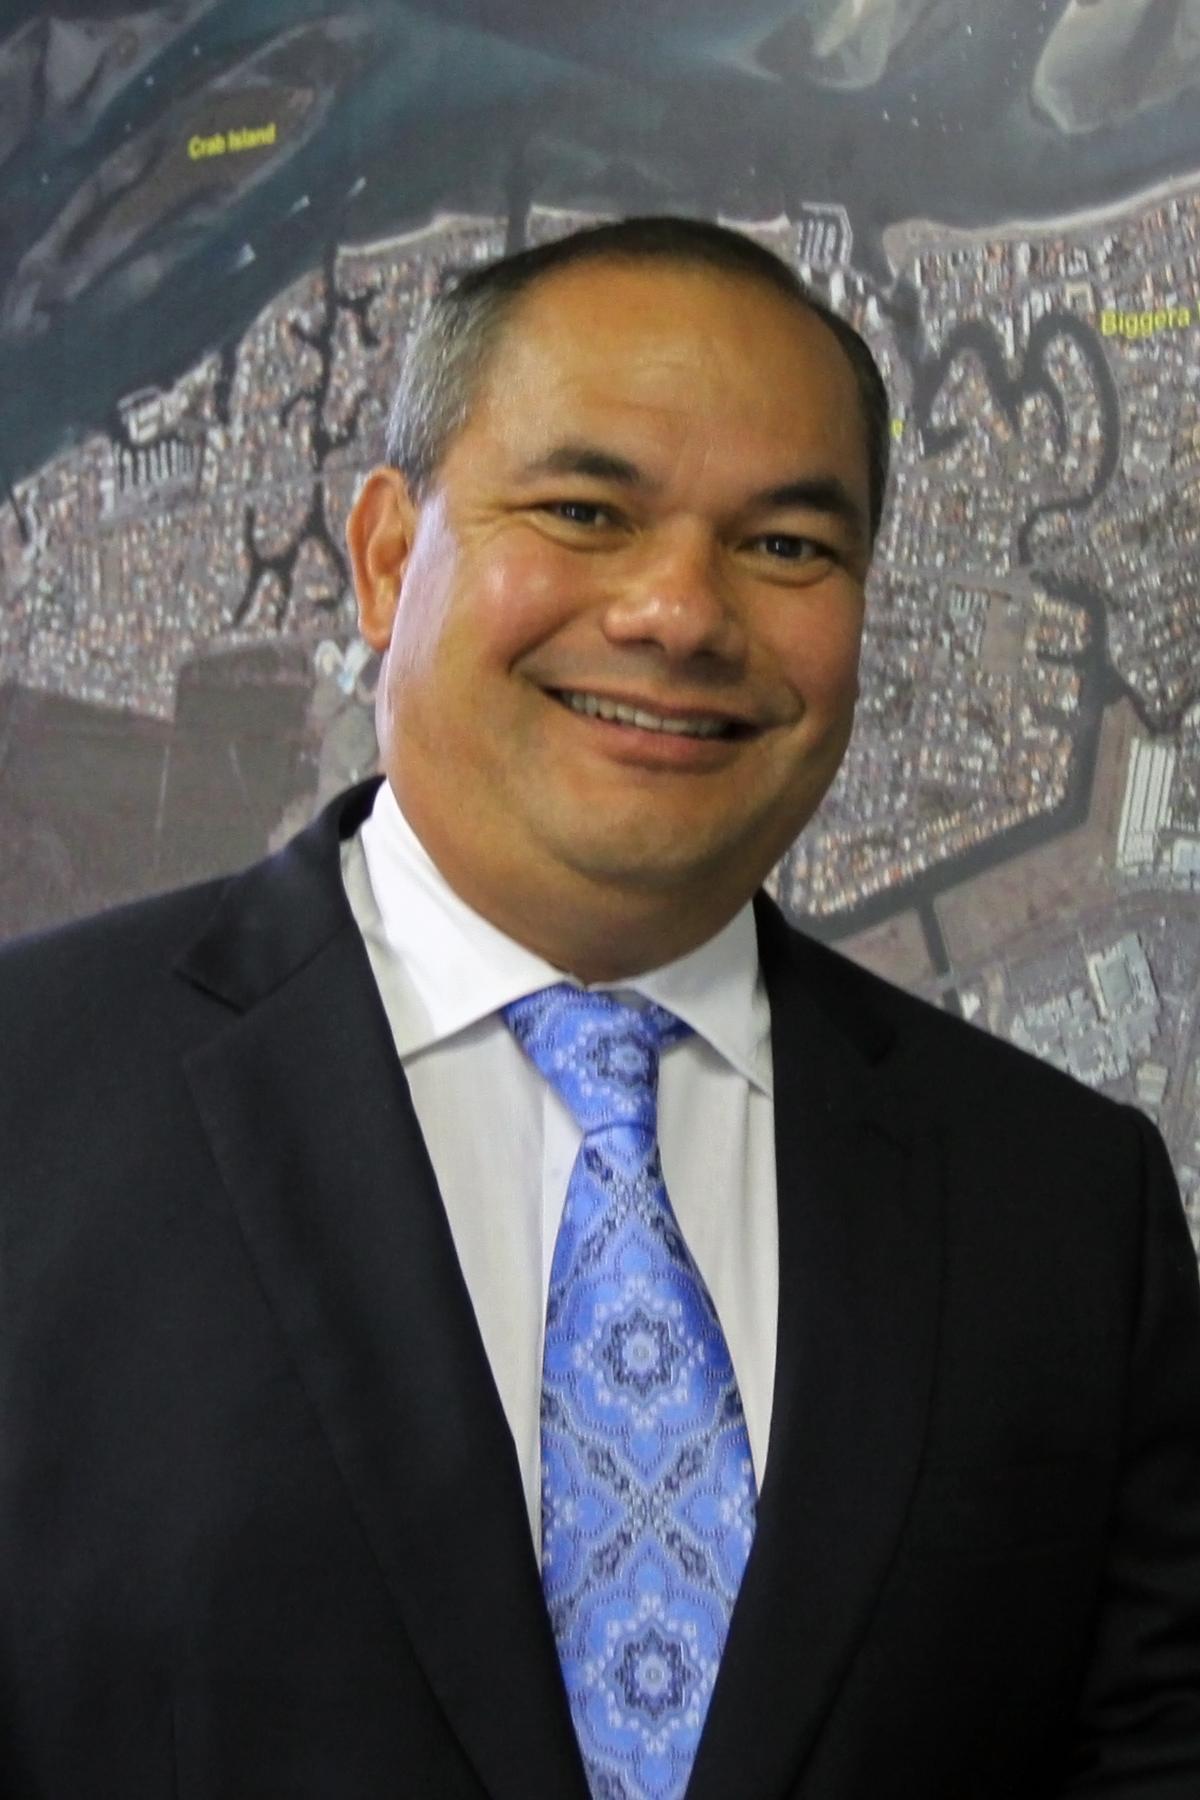 Mayor Tom Tate, City of Gold Coast